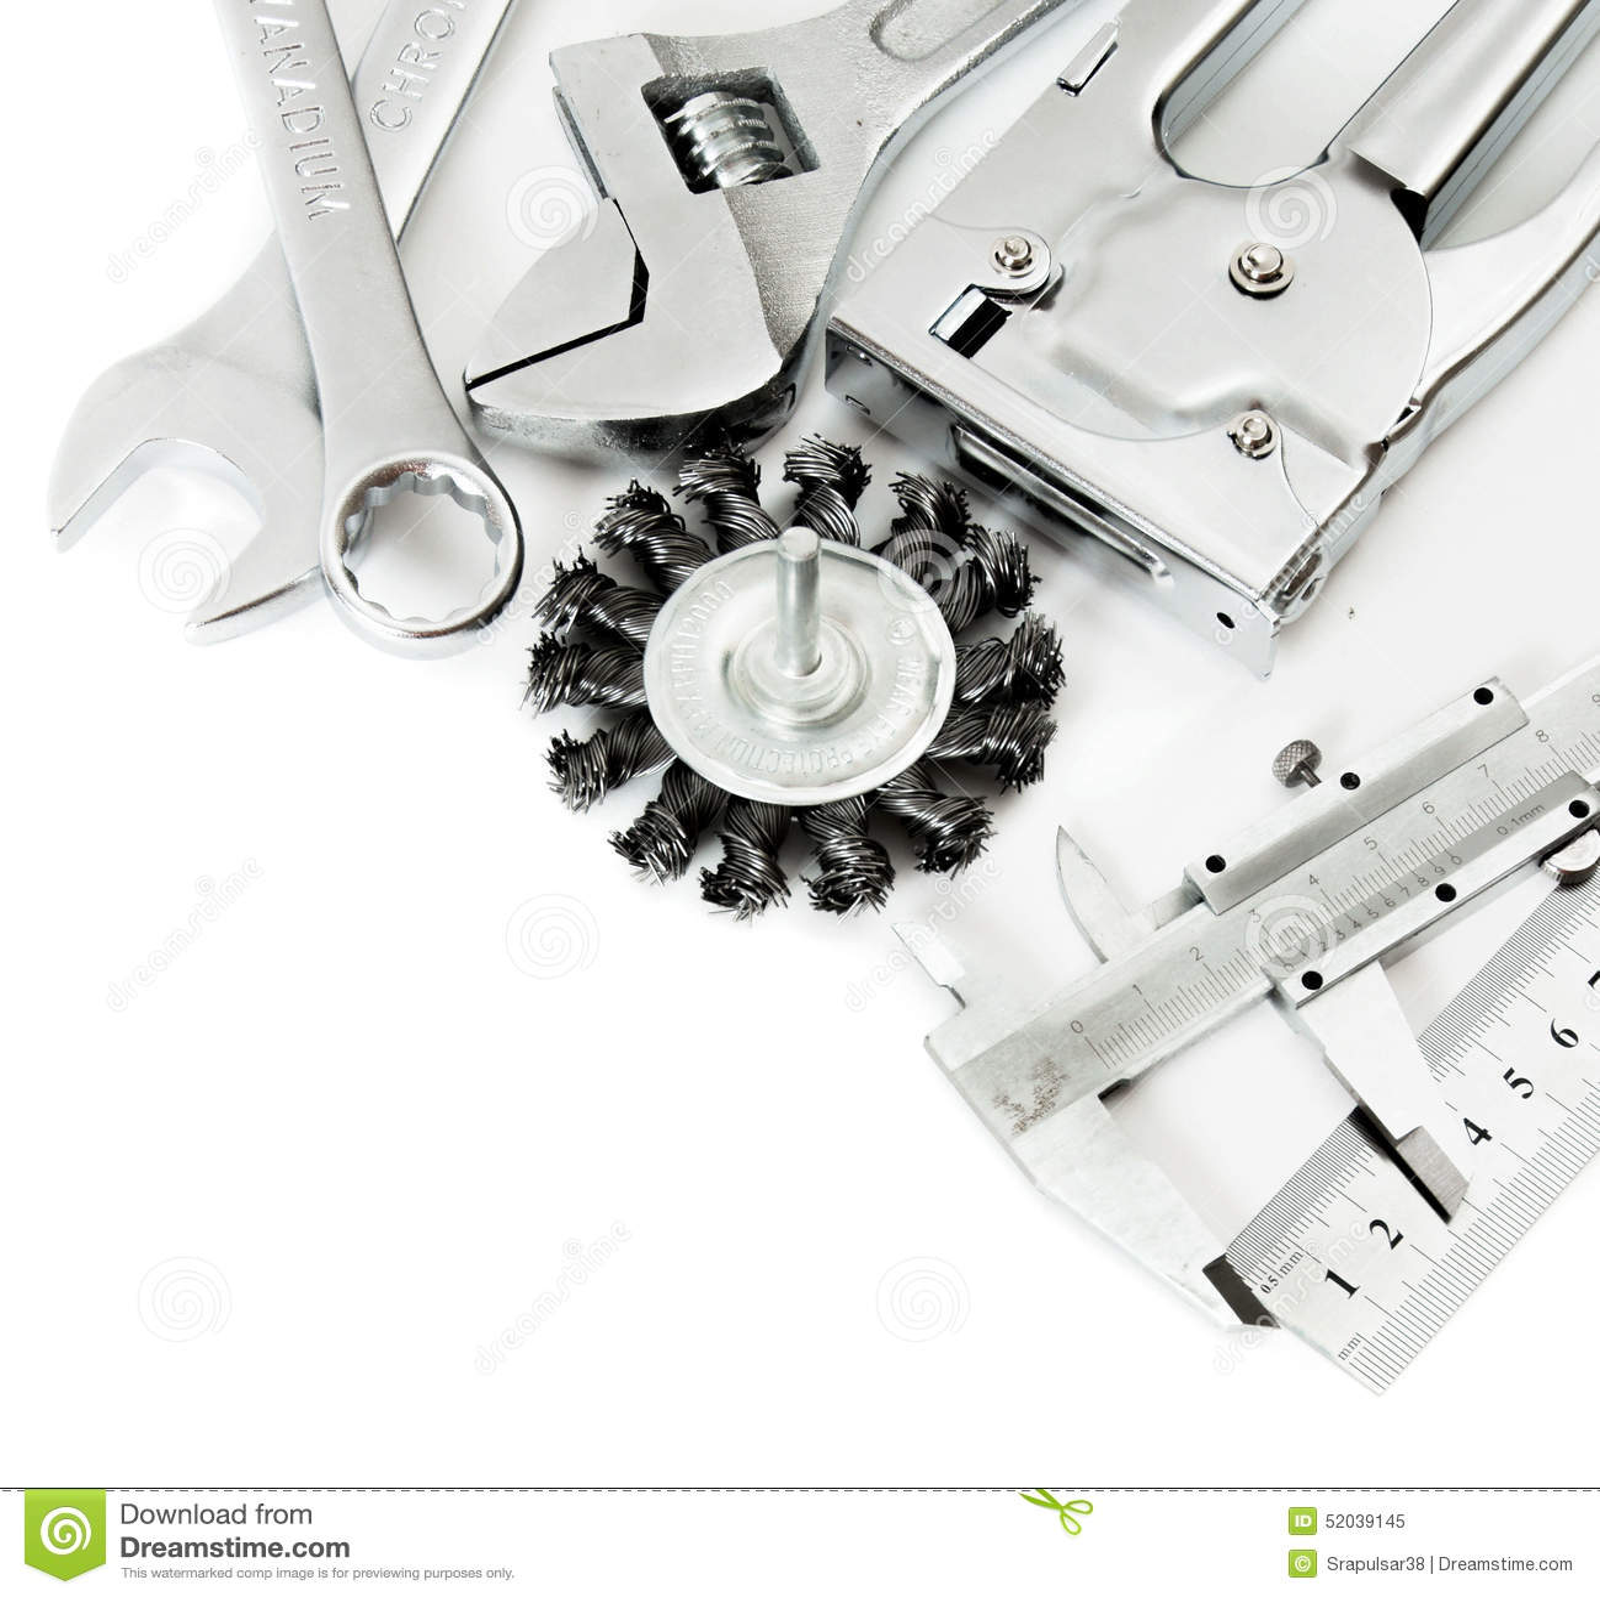 Metalwork Regla, calibrador y otros herramientas encendido